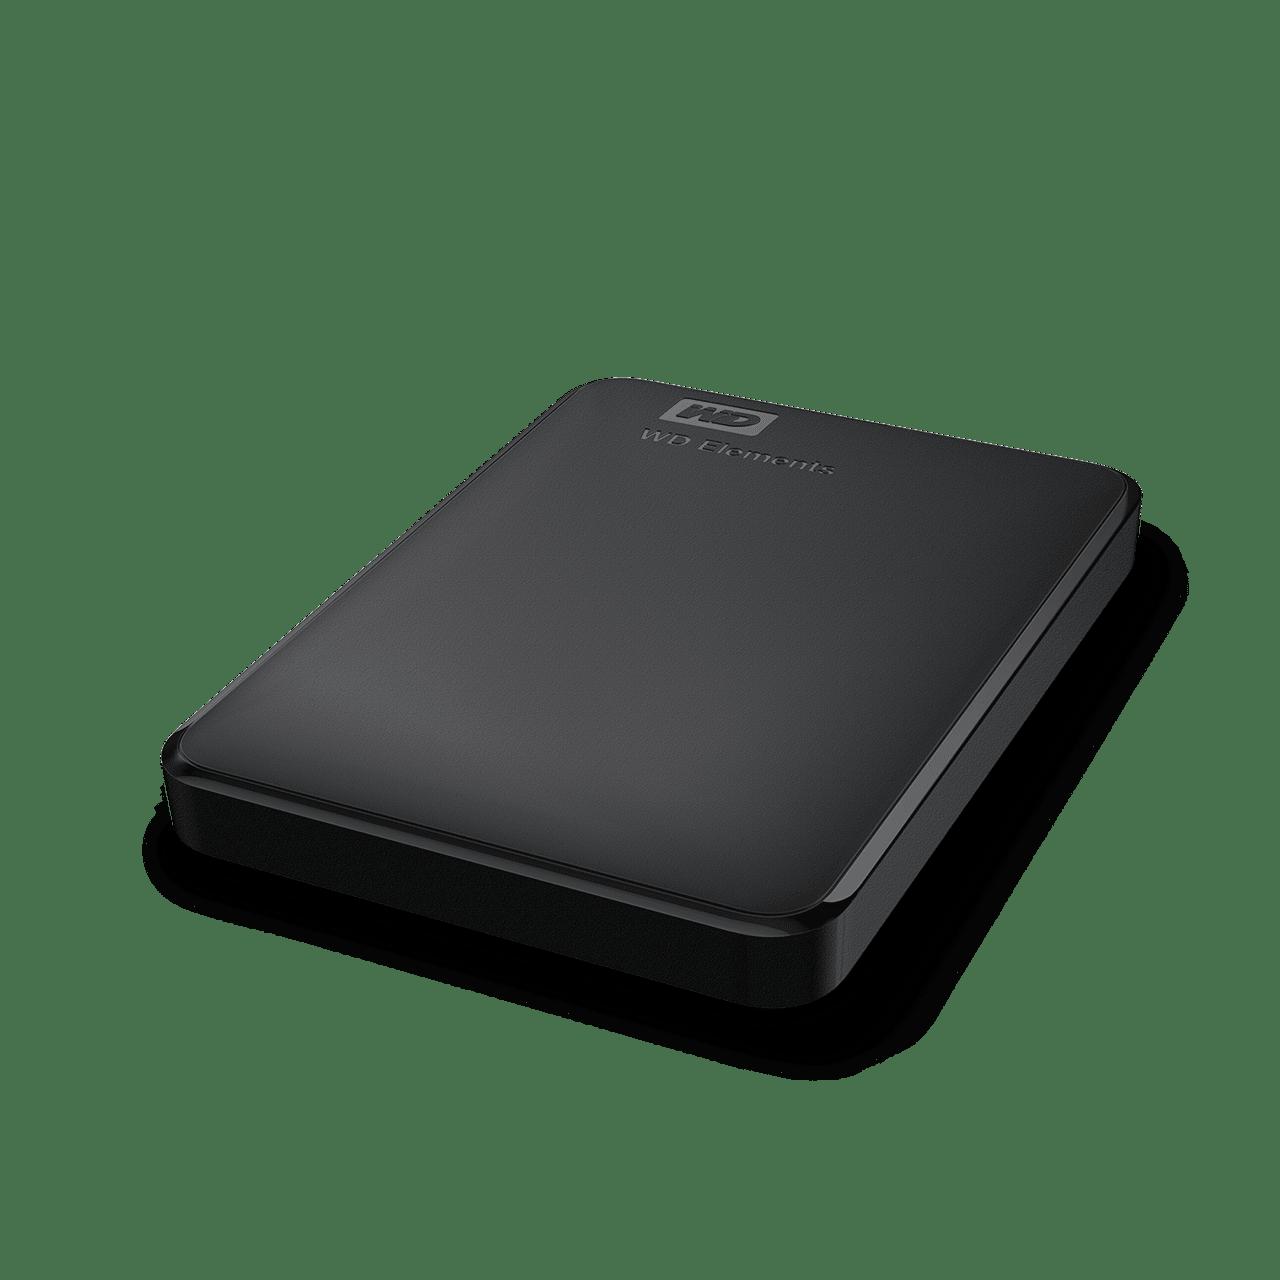 WD Elements 1TB HDD USB3.0 Portable 2.5